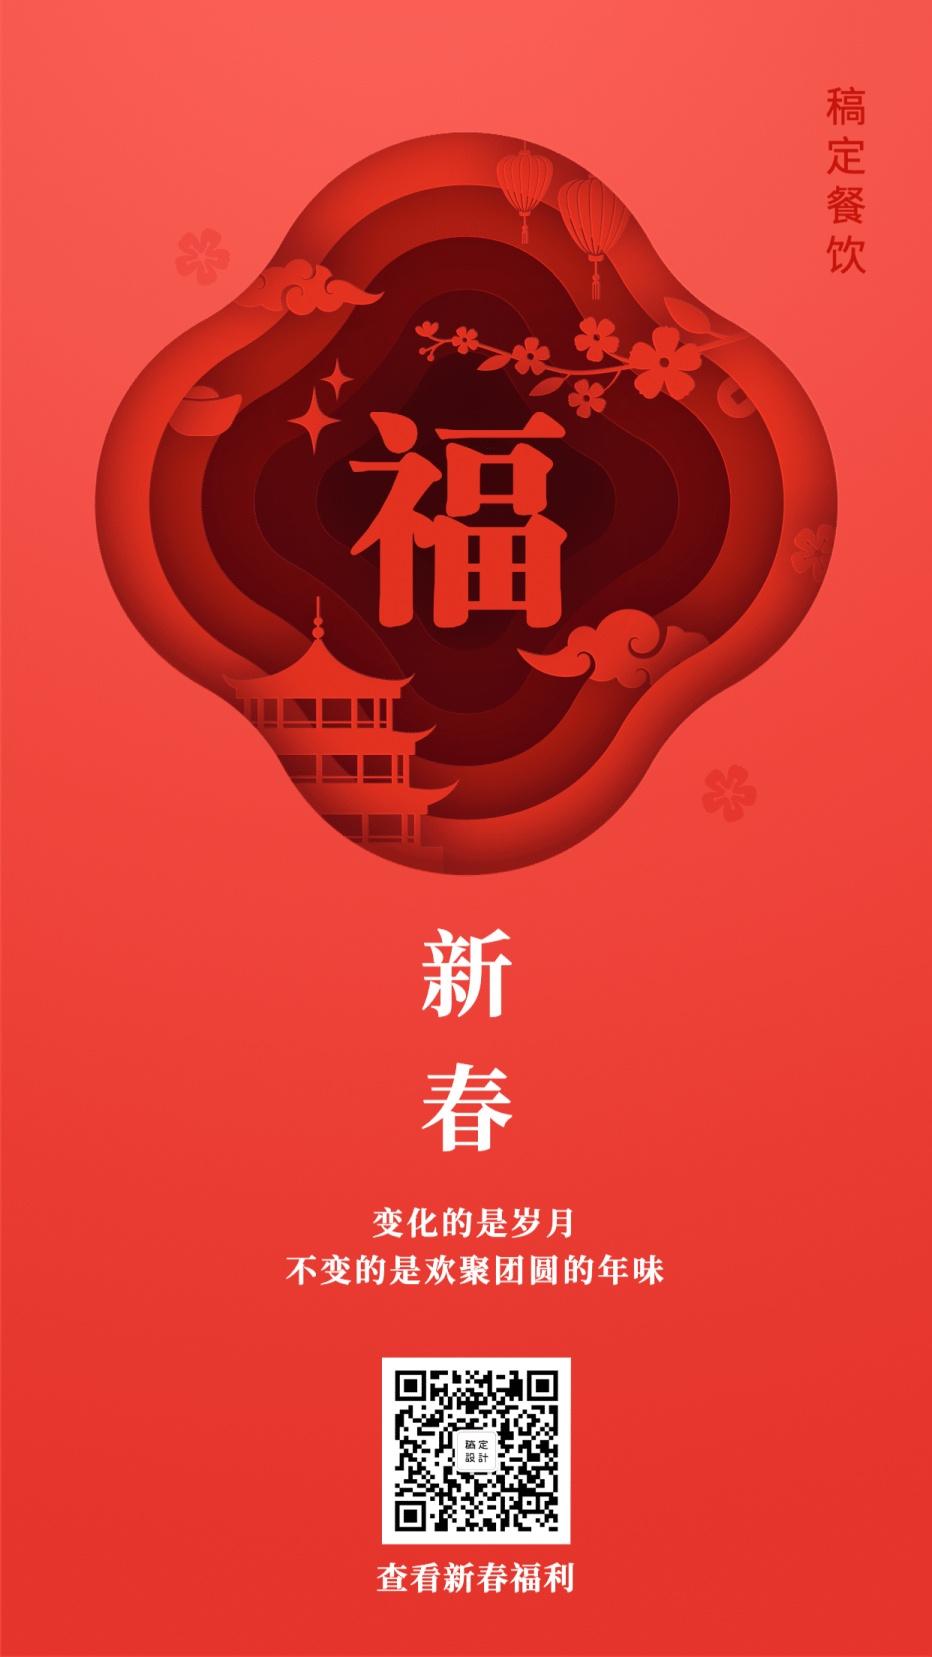 春节新年/喜庆祝福/手机海报